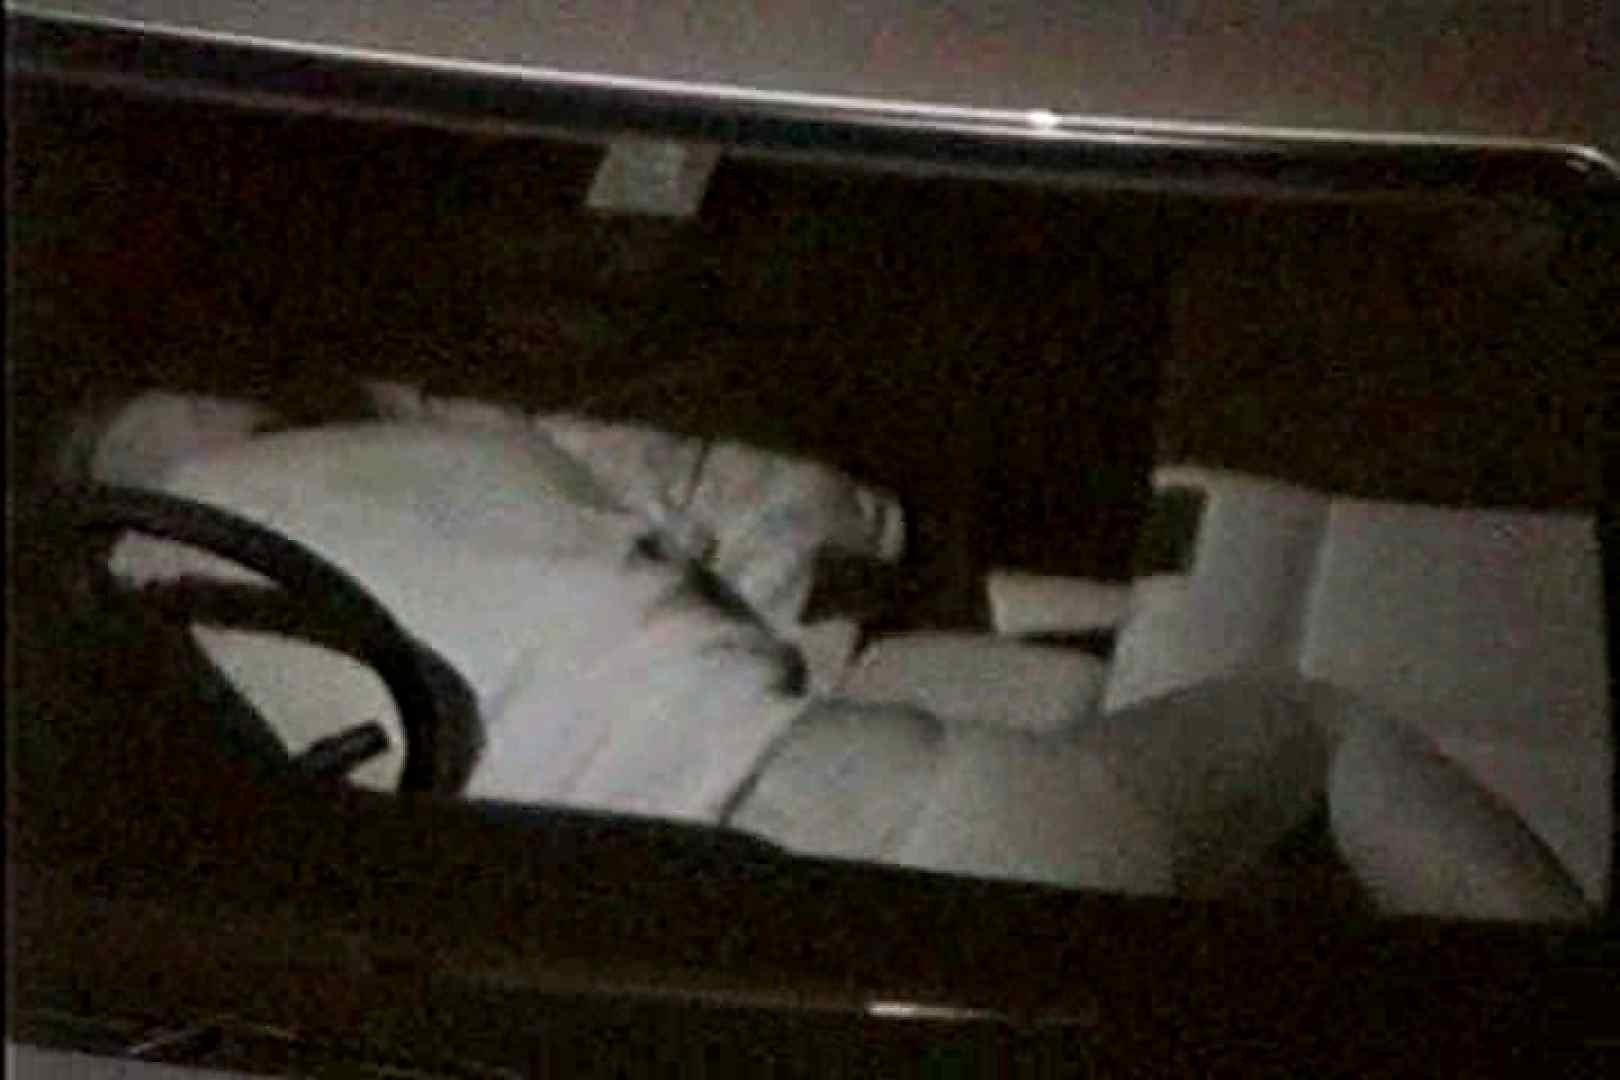 車の中はラブホテル 無修正版  Vol.8 人気シリーズ 覗きぱこり動画紹介 108PICs 37